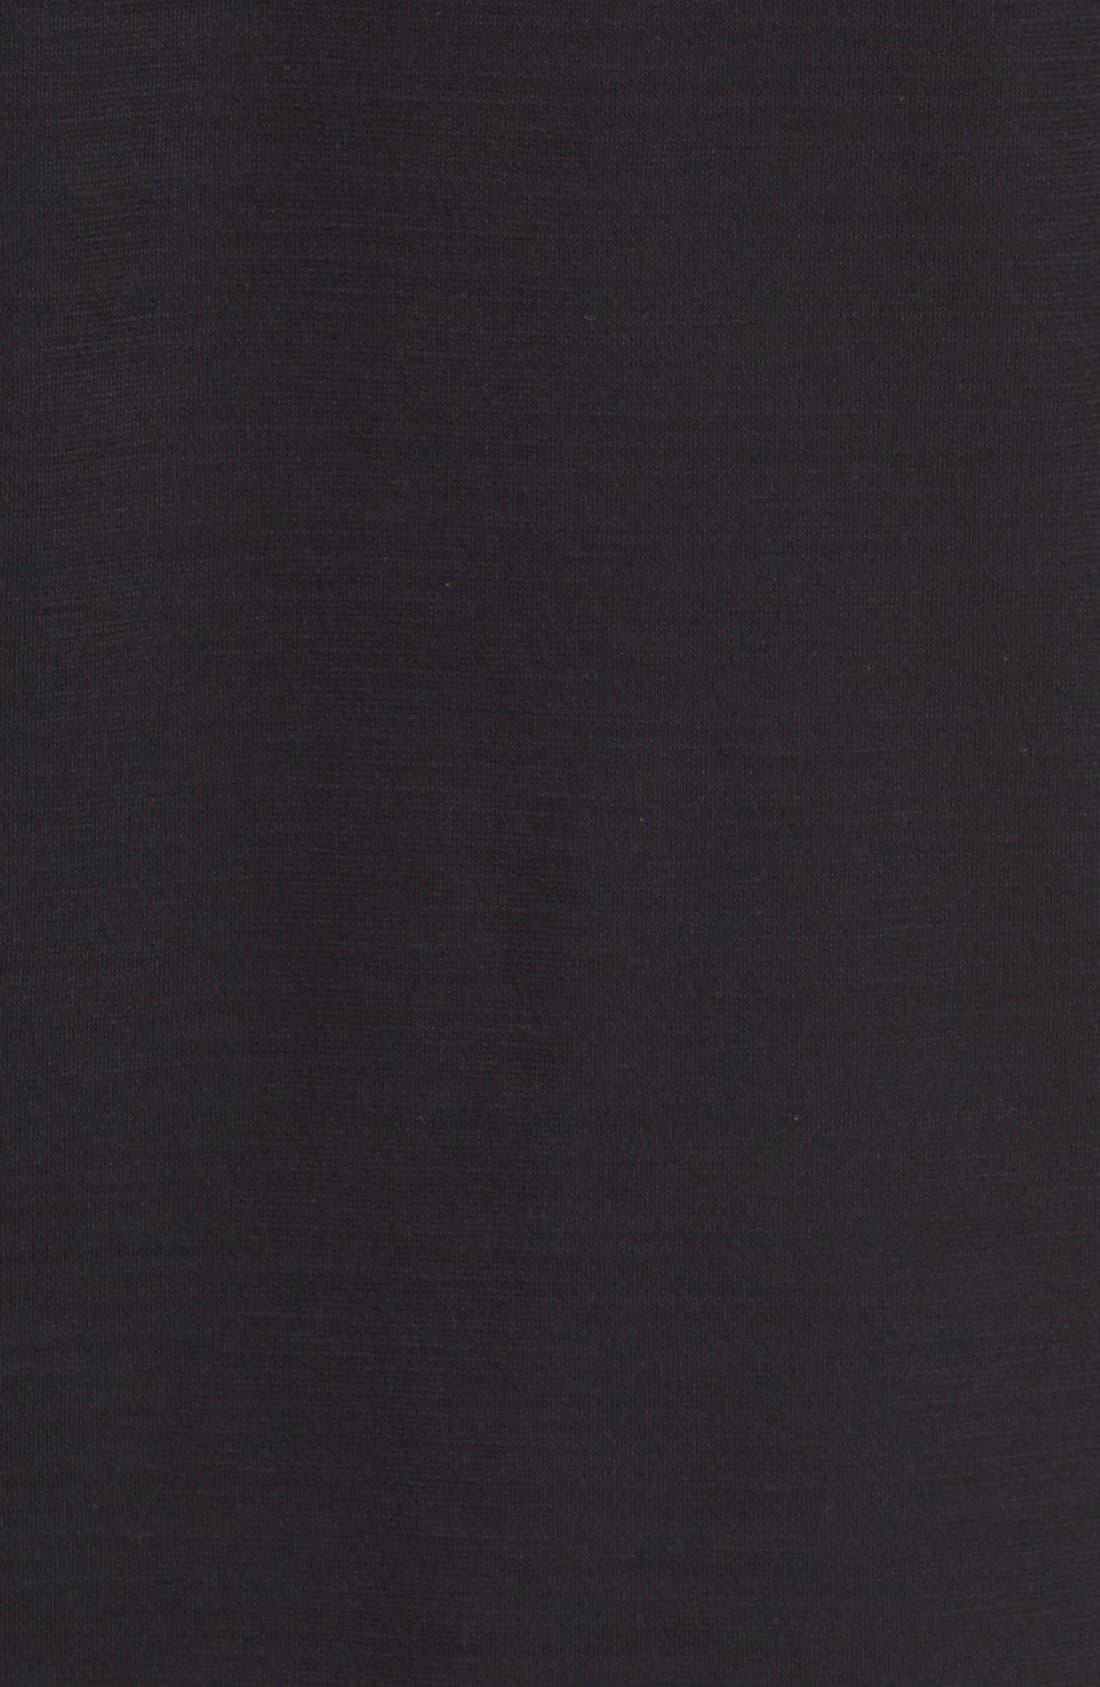 Slub Pima Cotton T-Shirt,                             Alternate thumbnail 5, color,                             BLACK